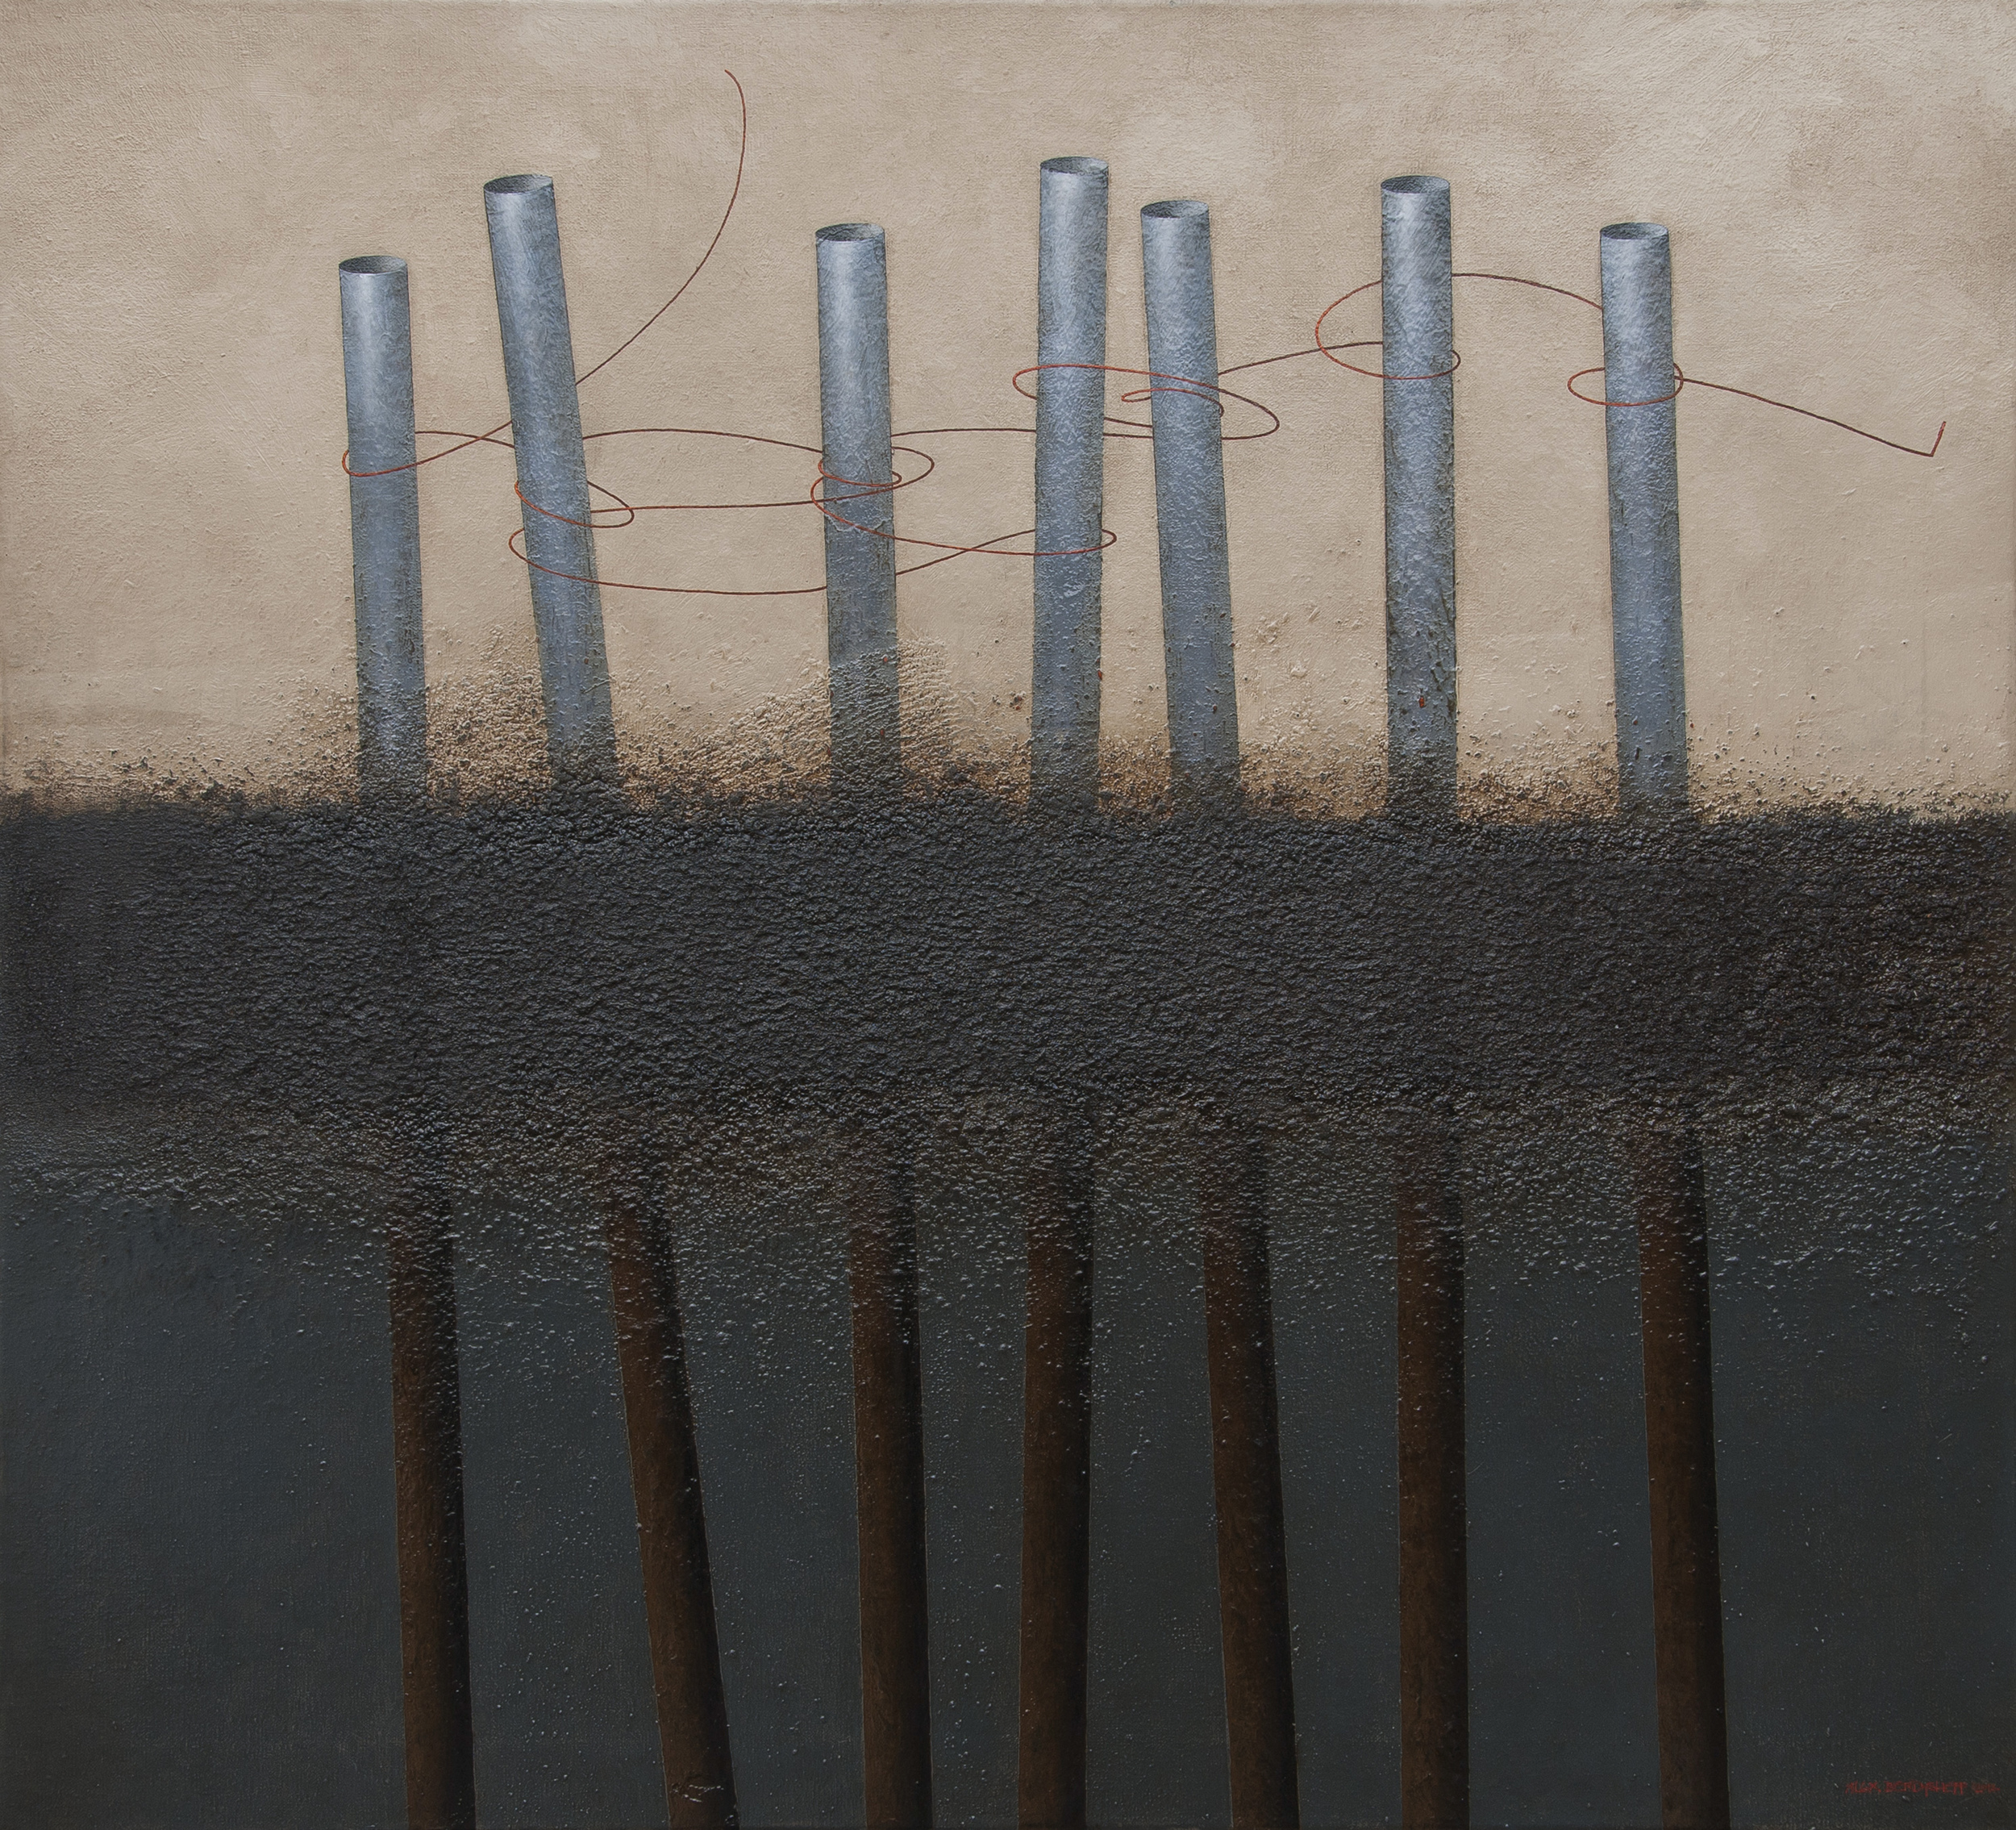 Socium, oil on canvas, 110x120 cm, 2012